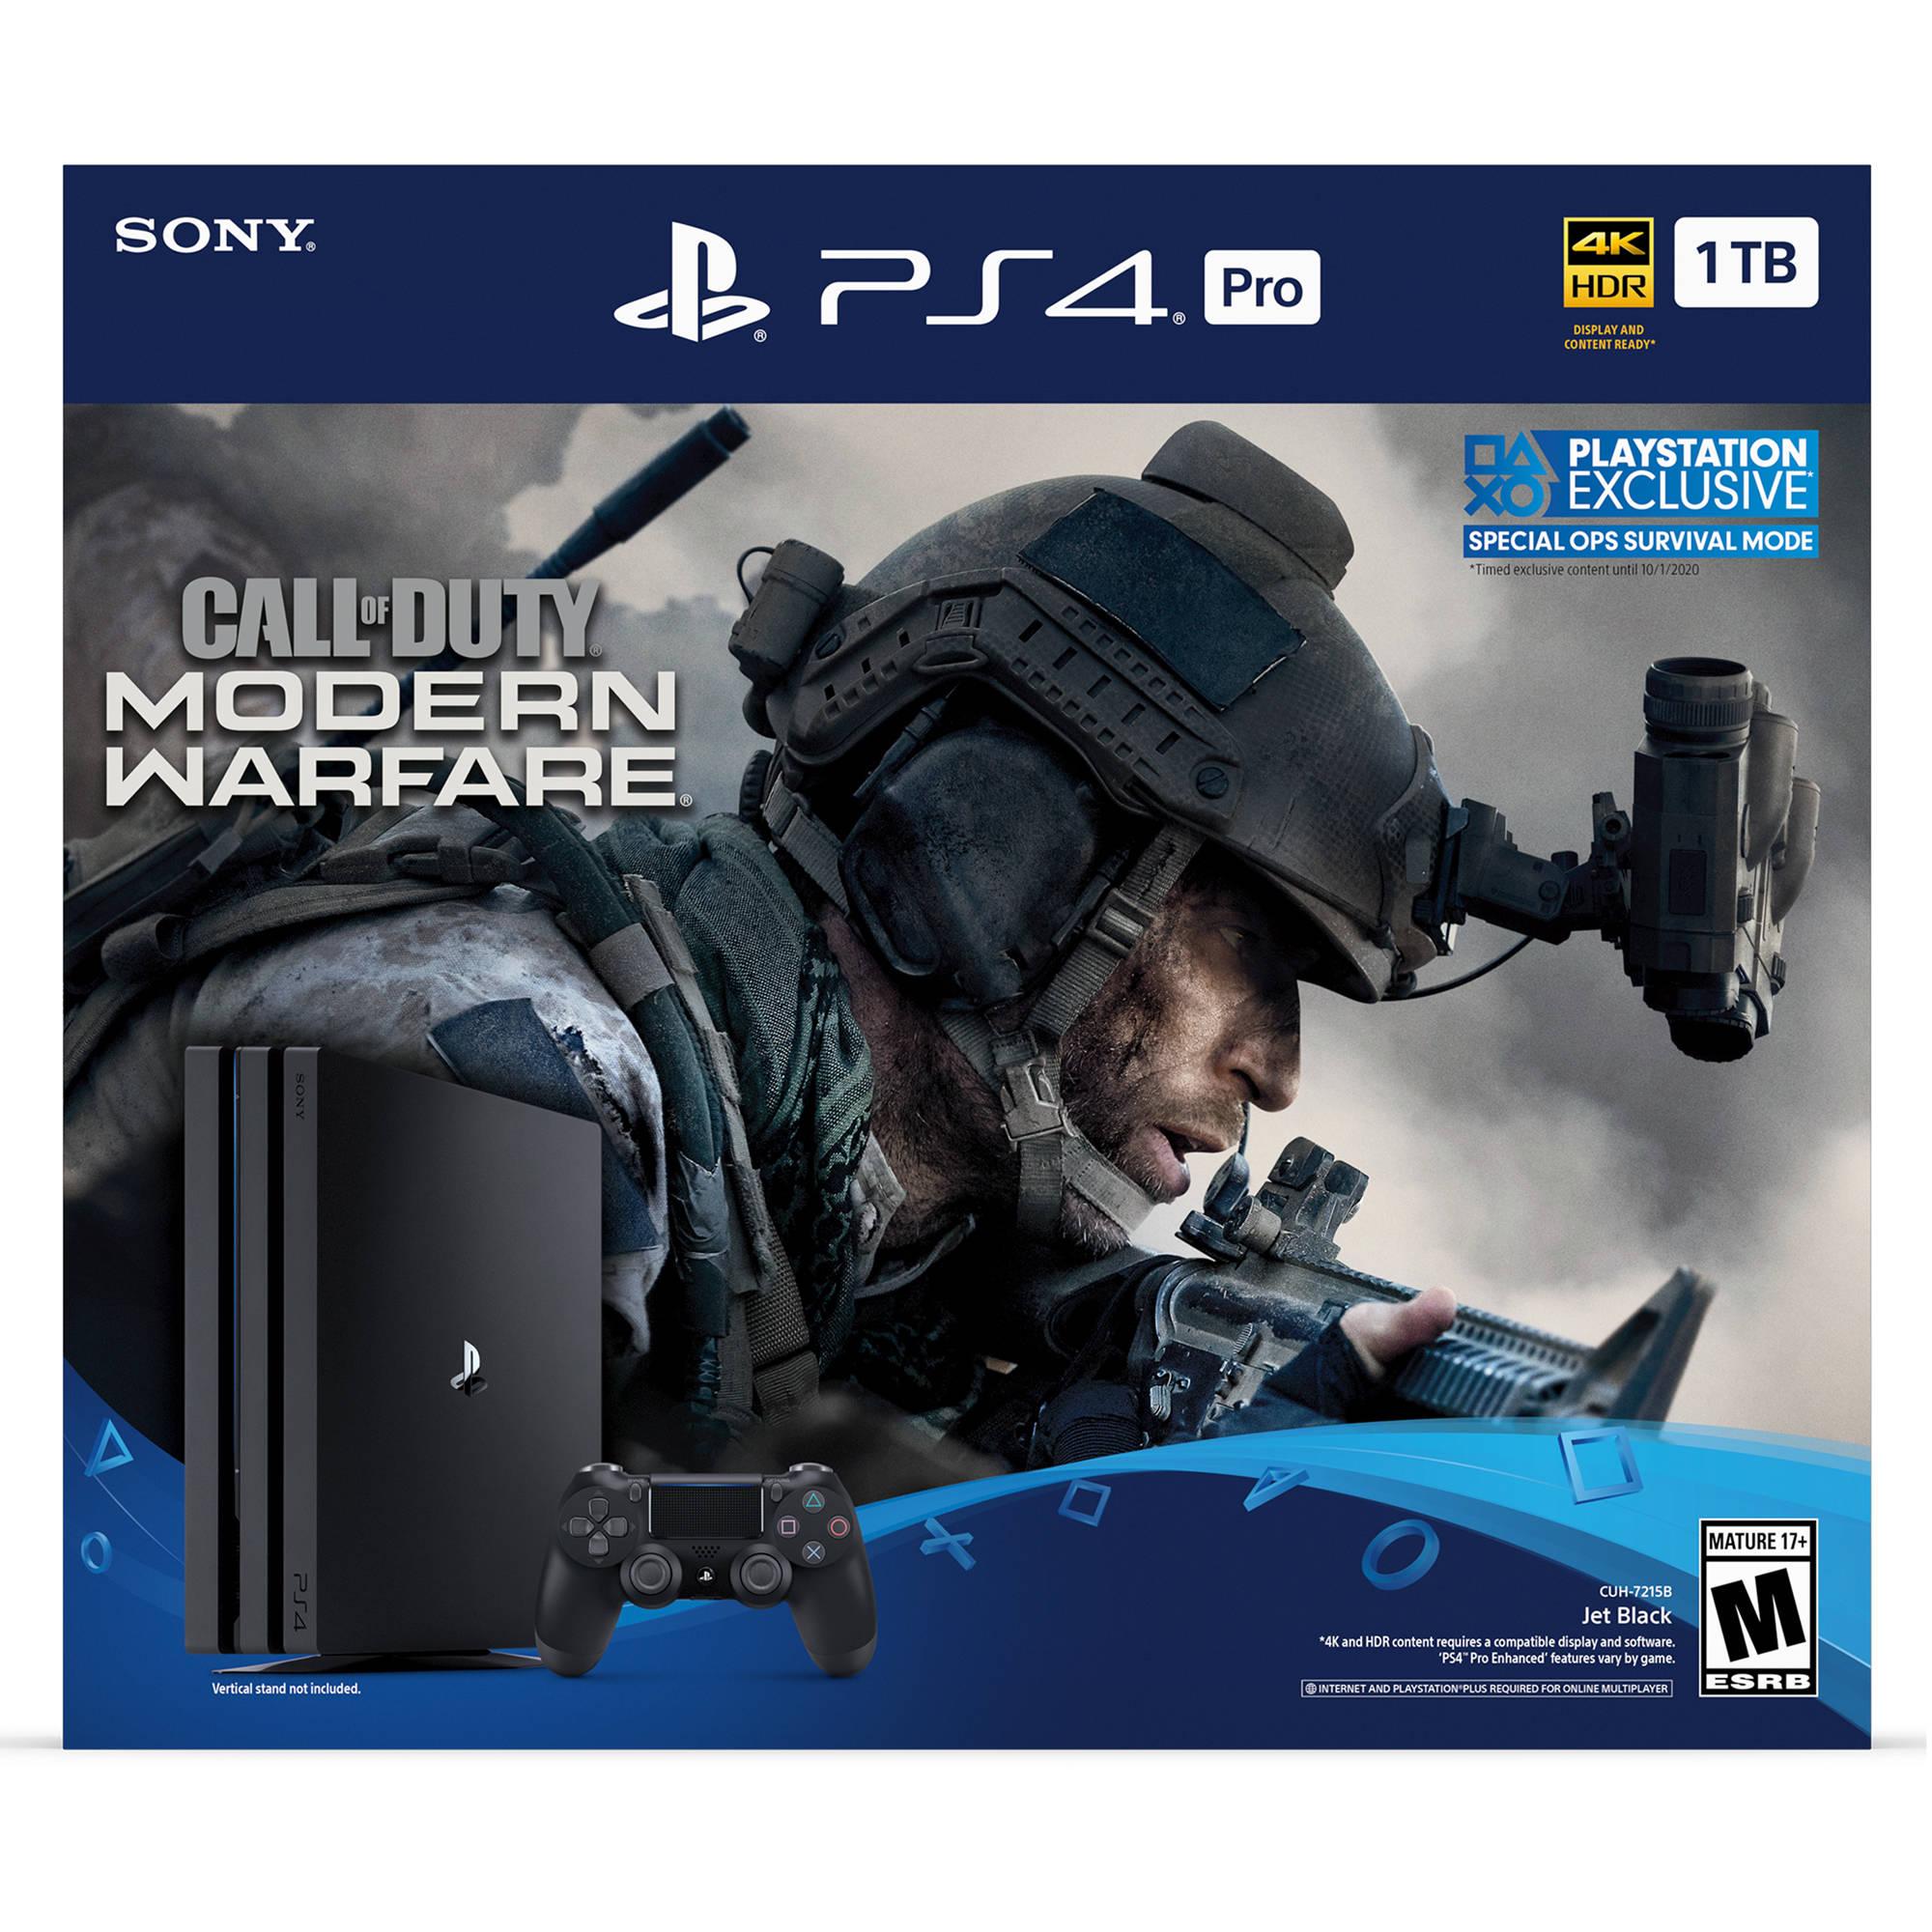 Sony Call Of Duty Modern Warfare Ps4 Pro Bundle